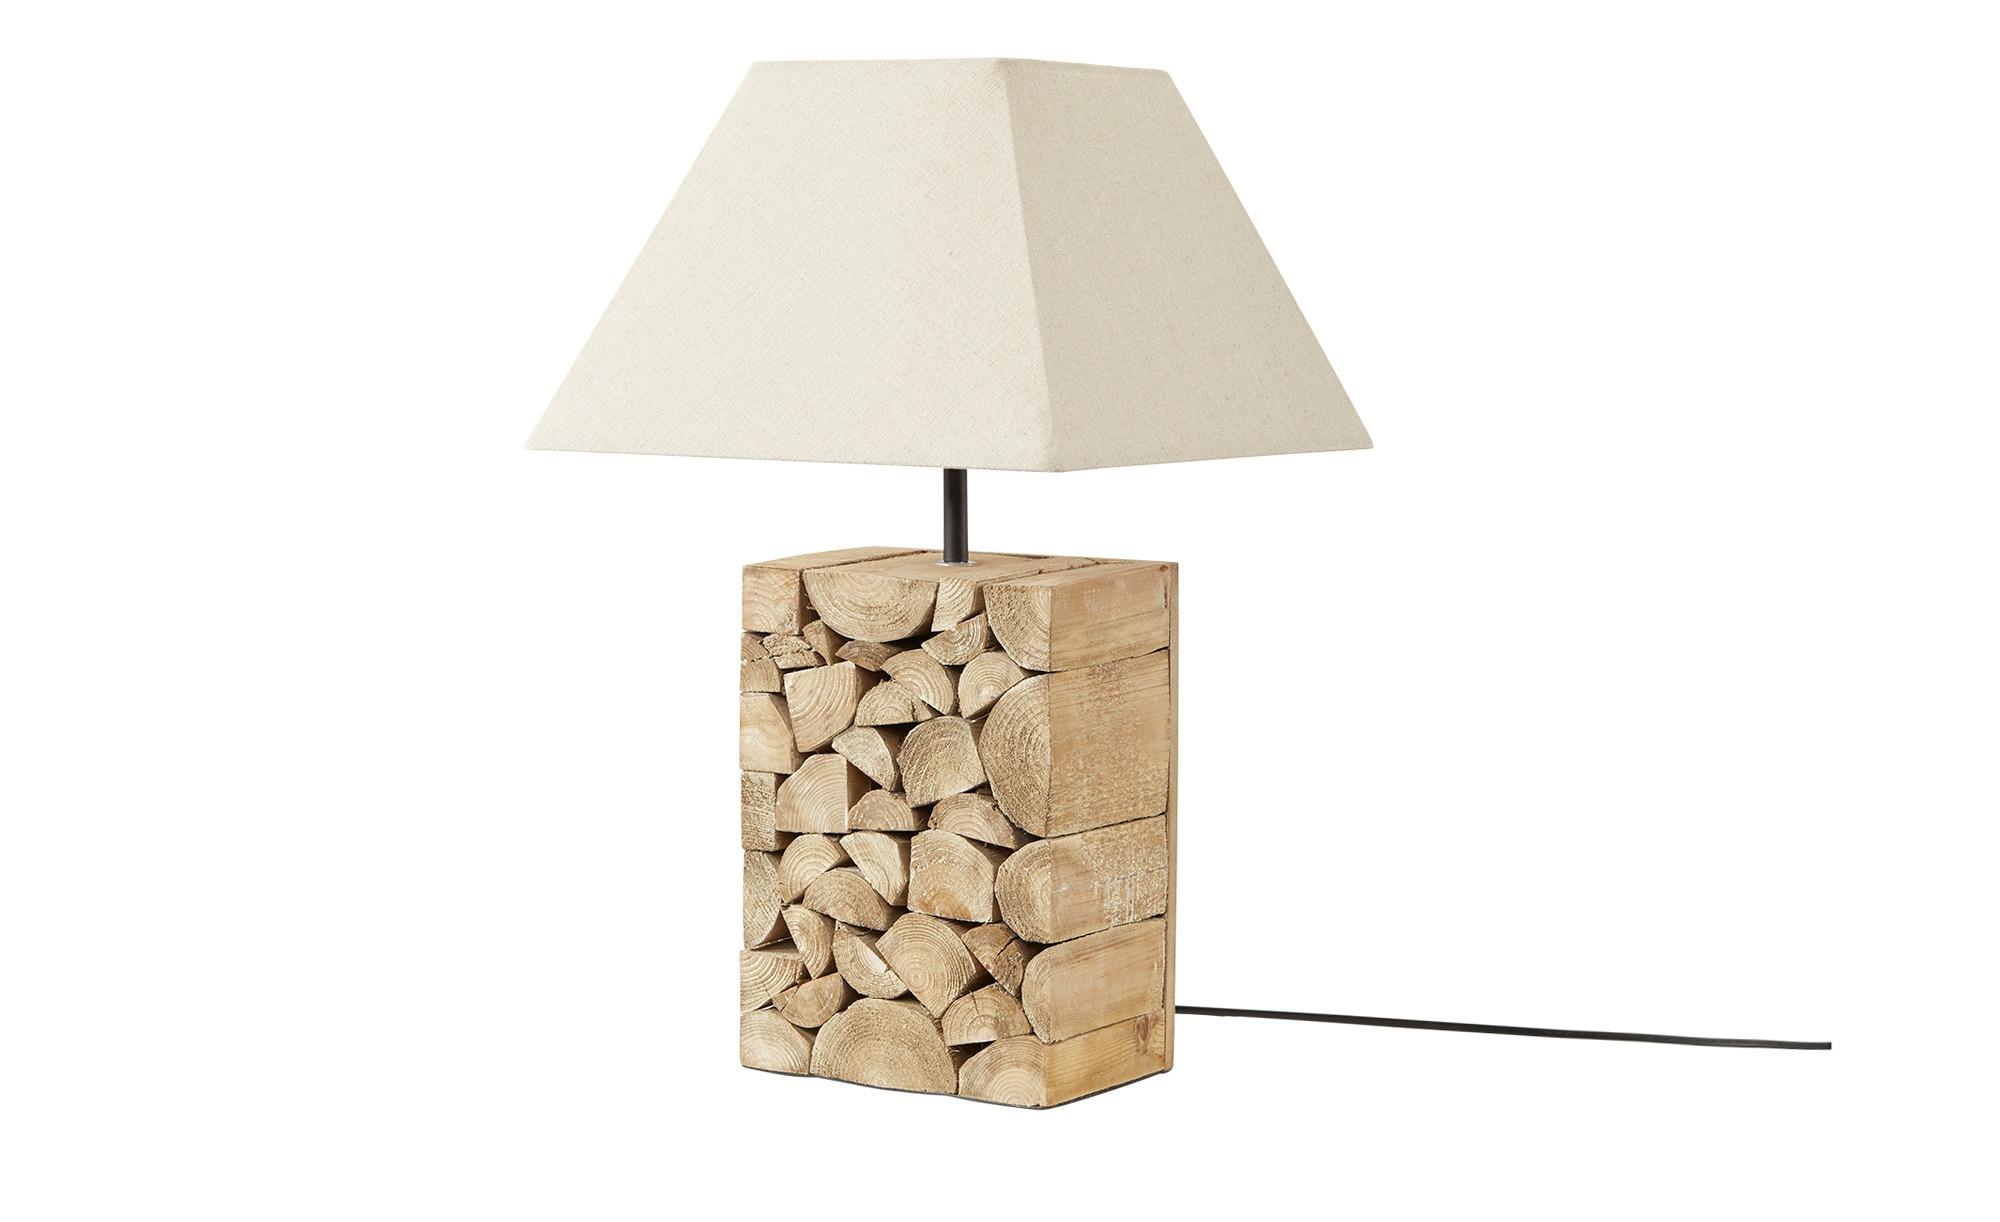 Tischleuchte, 1-flammig, Fuß in Brennholzoptik ´groß´ ¦ holzfarben ¦ Maße (cm): B: 30 H: 49 T: 30 Lampen & Leuchten > Innenleuchten > Tischlampen - Höffner